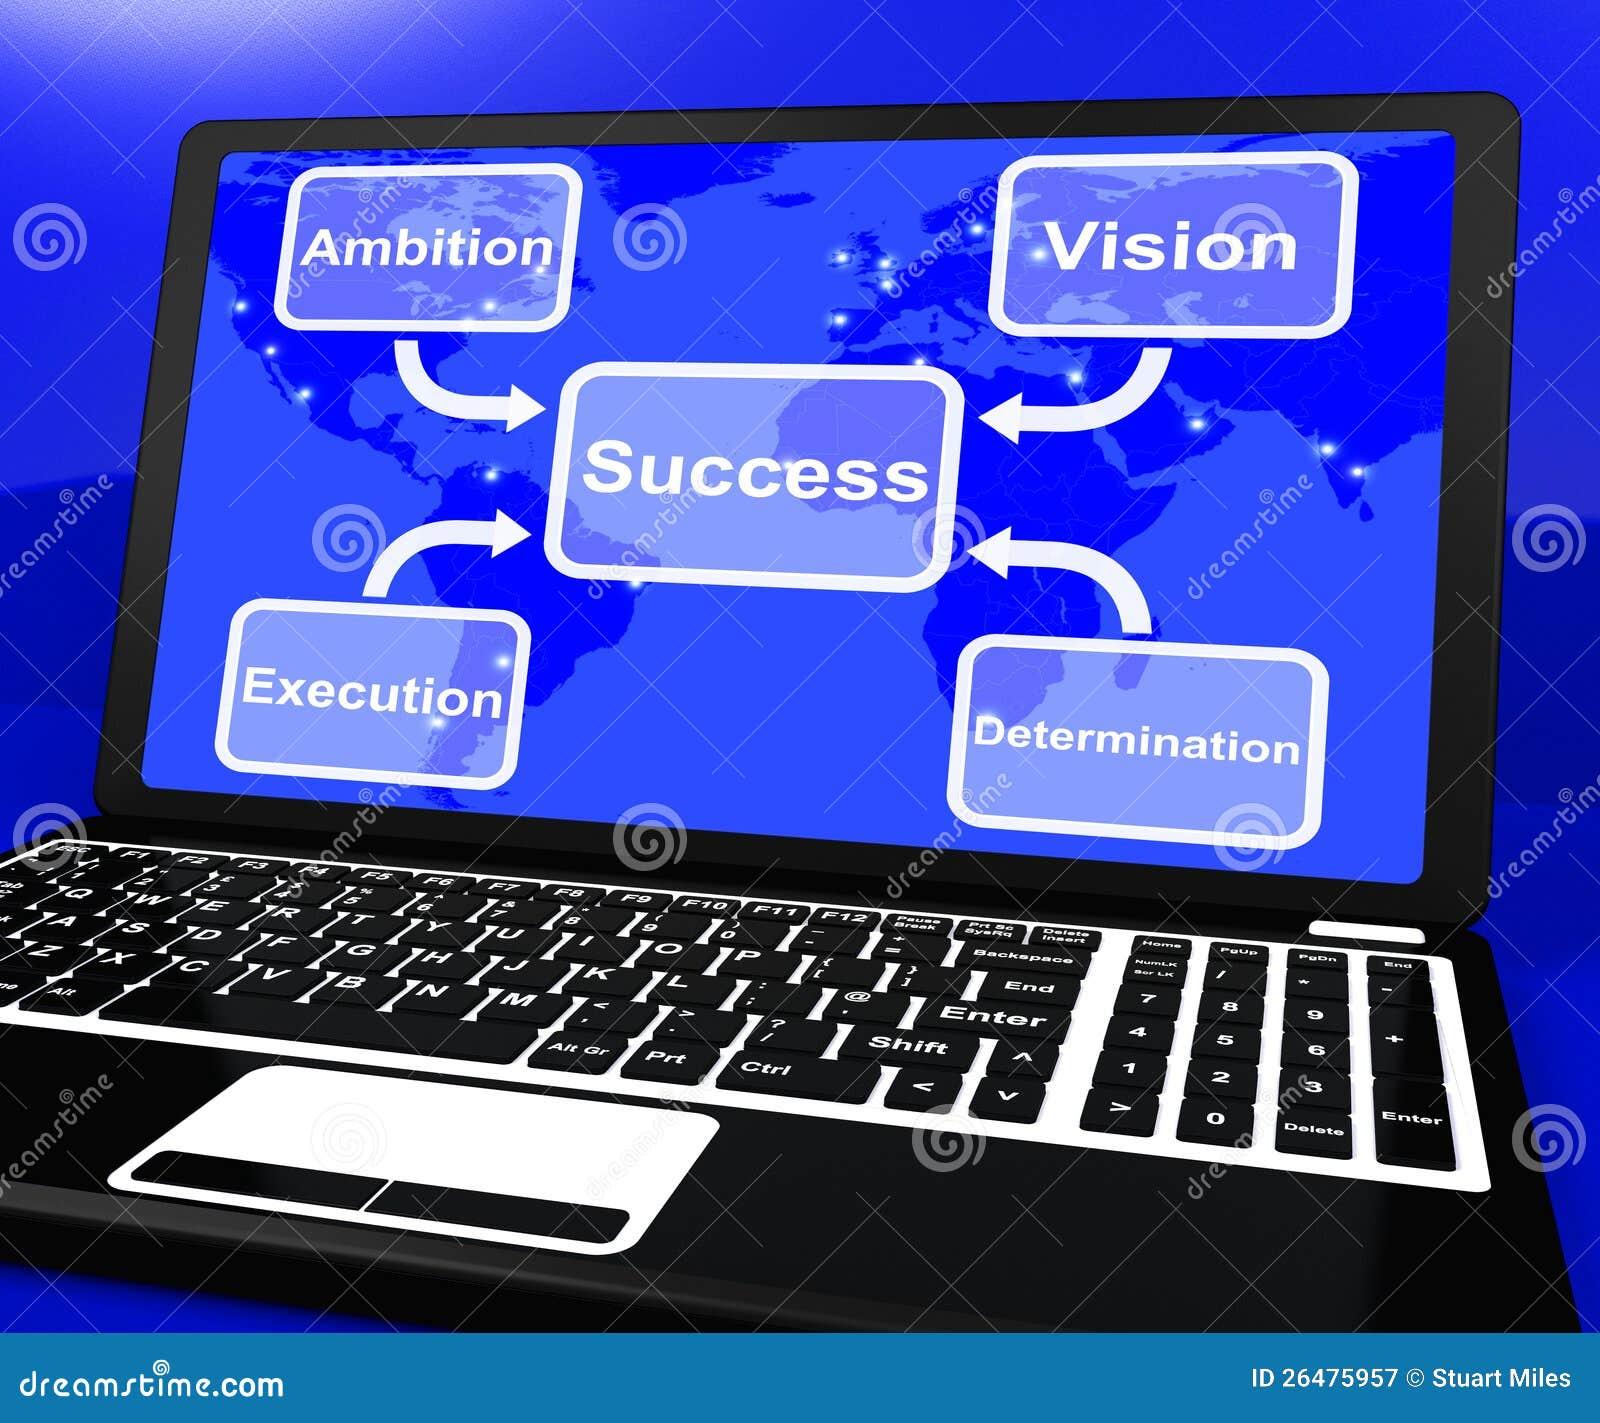 Succesdiagram op Laptop die Visie en Bepaling tonen